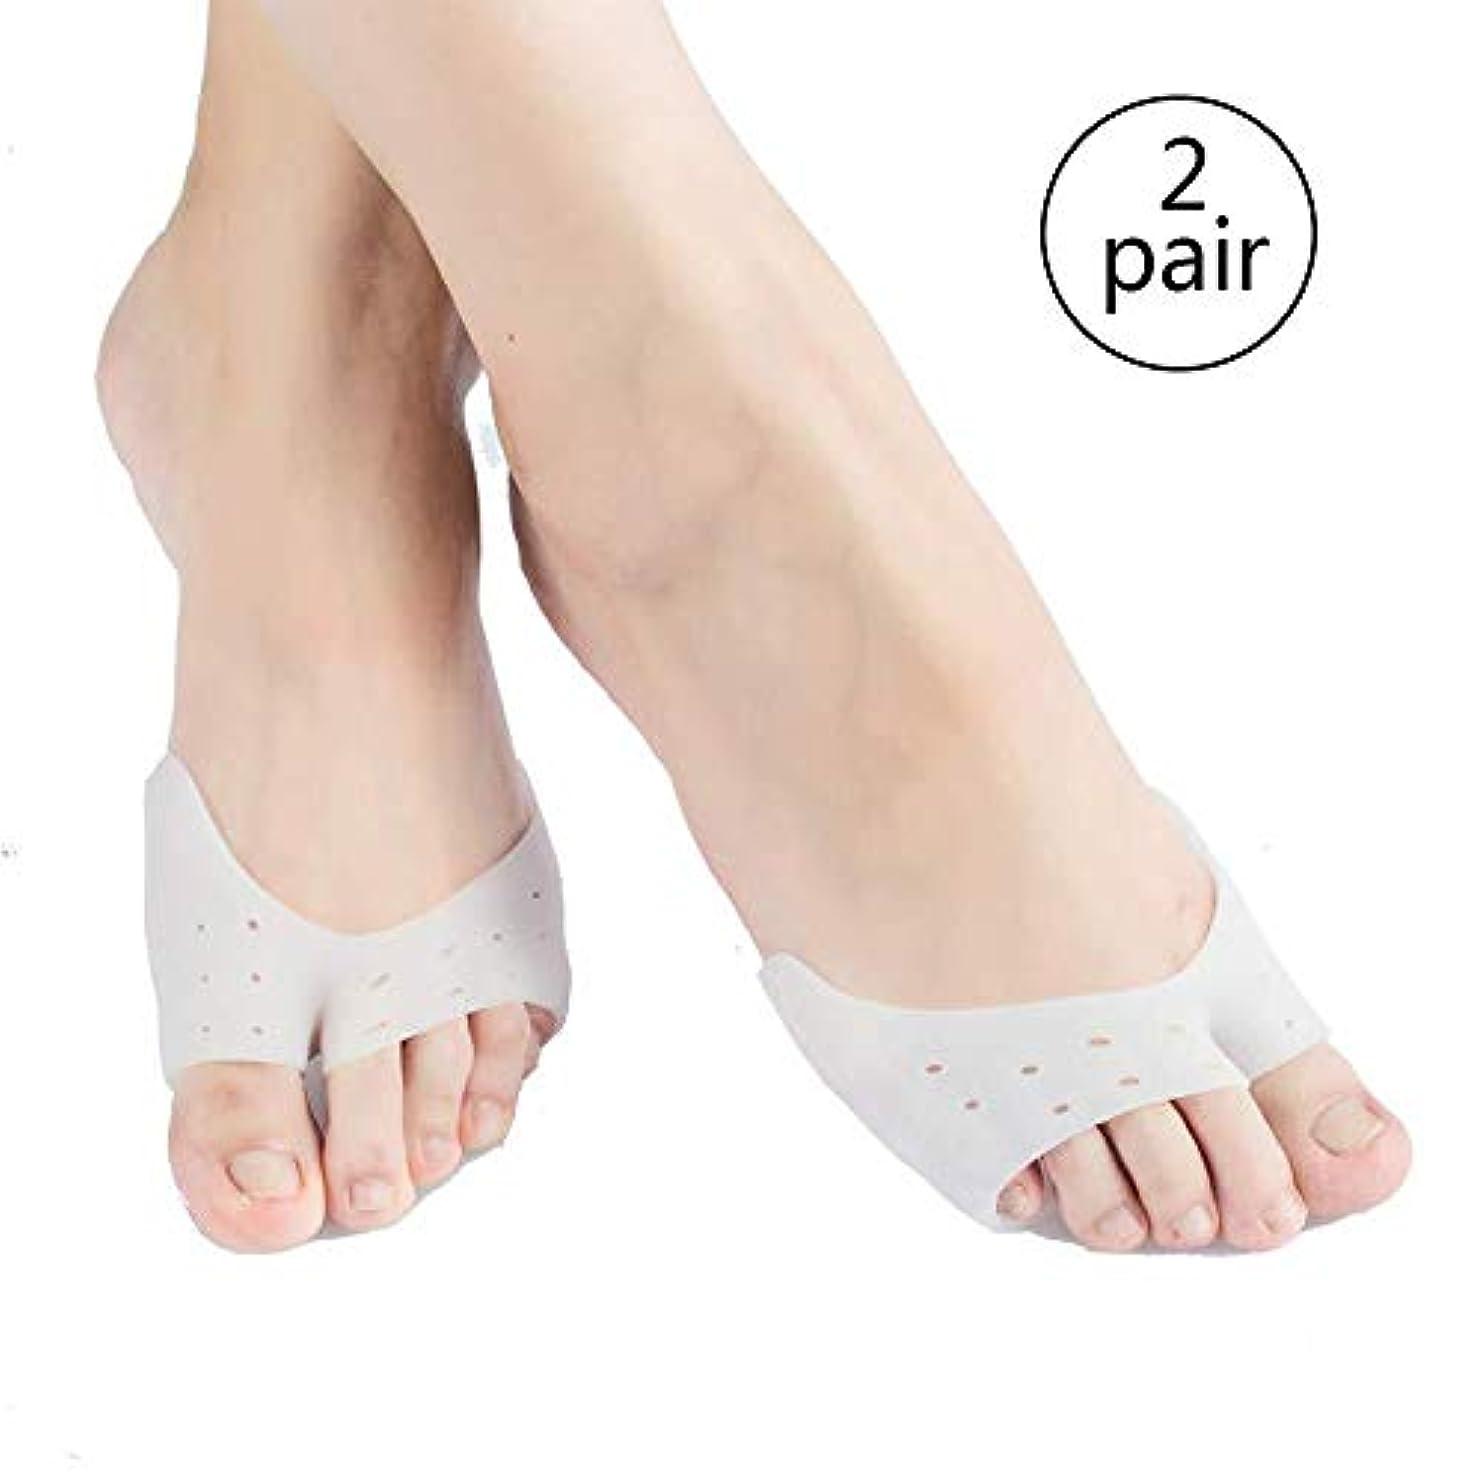 アラビア語コークス呼び出す足のセパレーター、足の親指のアライナー、足の親指の矯正、ナイトバニオンの寛解、男性と女性の外反母hallの痛みの緩和